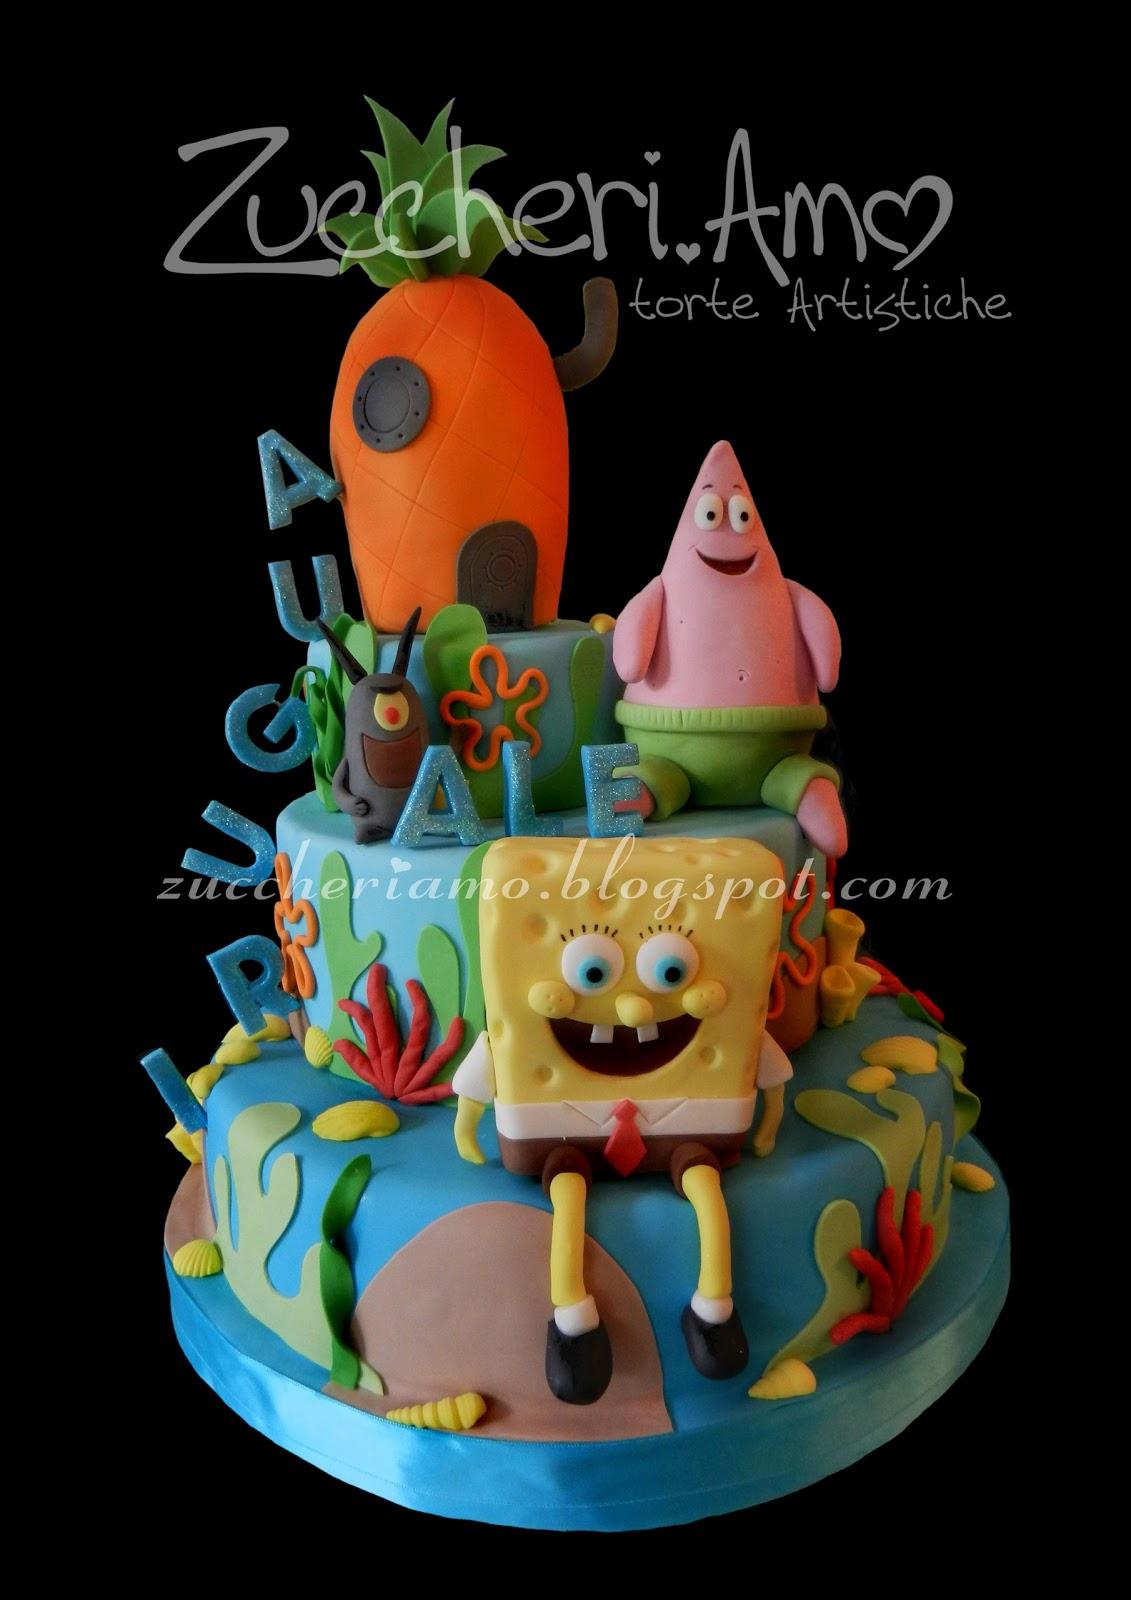 http://4.bp.blogspot.com/-hWFhxZ5eV7E/T0vcUI3DbHI/AAAAAAAAArs/nEQRrV89f50/s1600/Spongebob.jpg